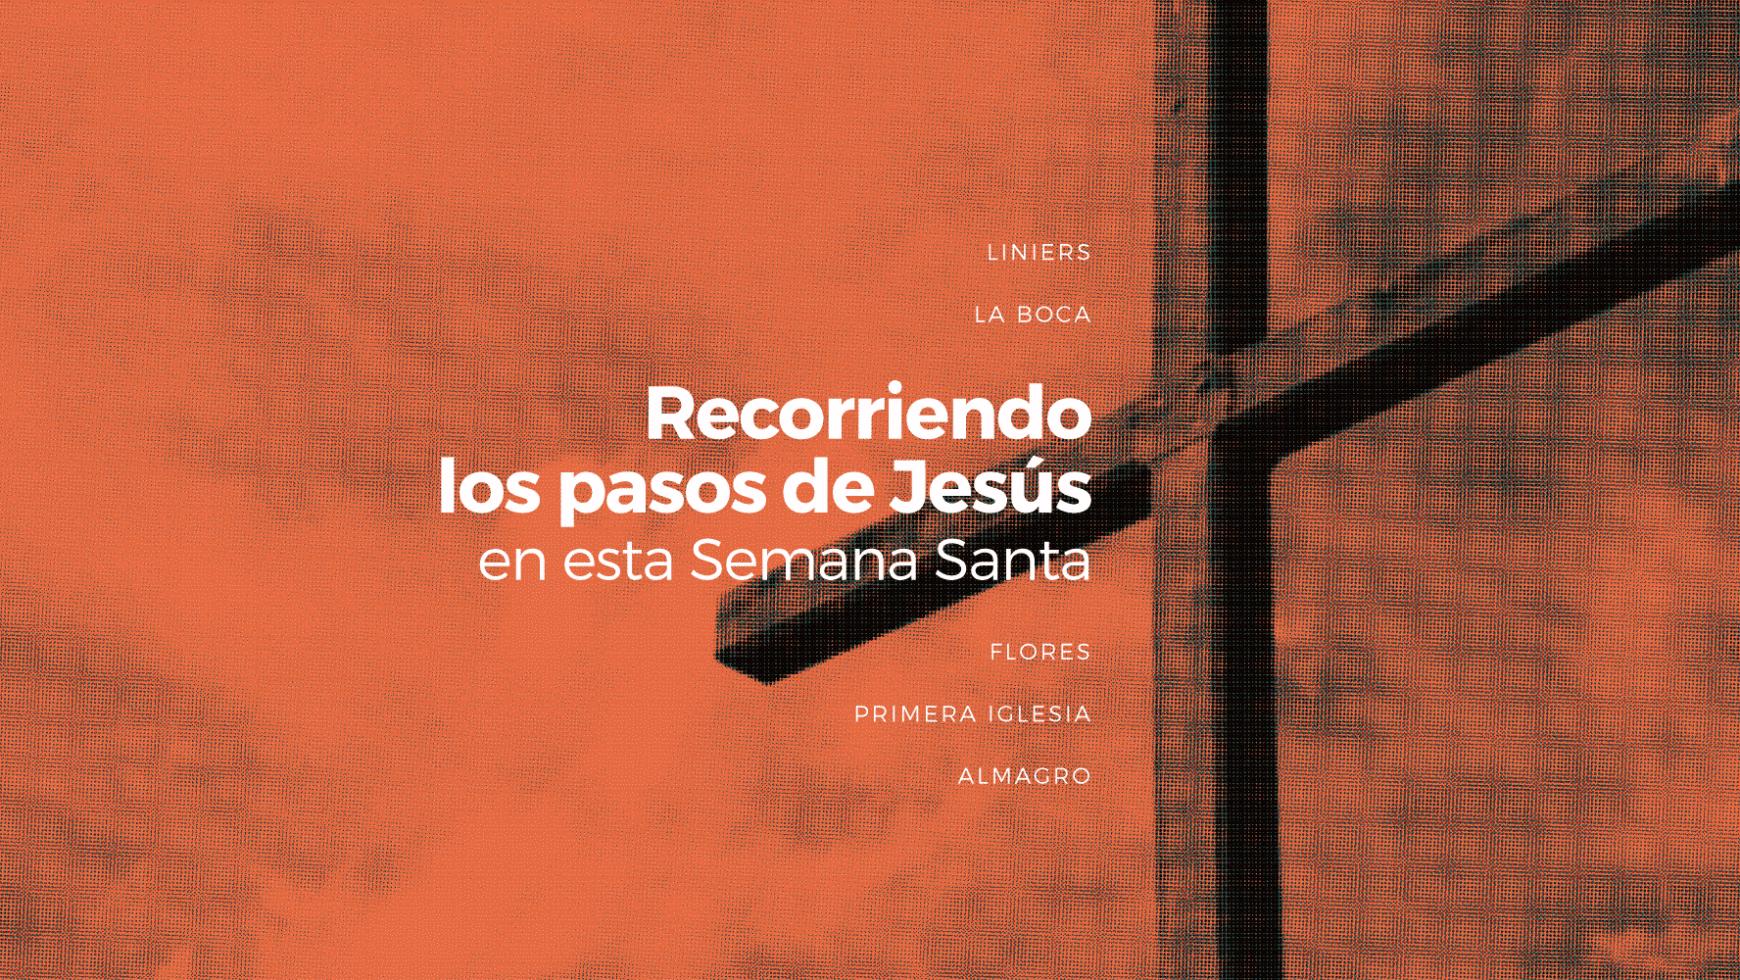 Celebrando la vida y la Resurrección